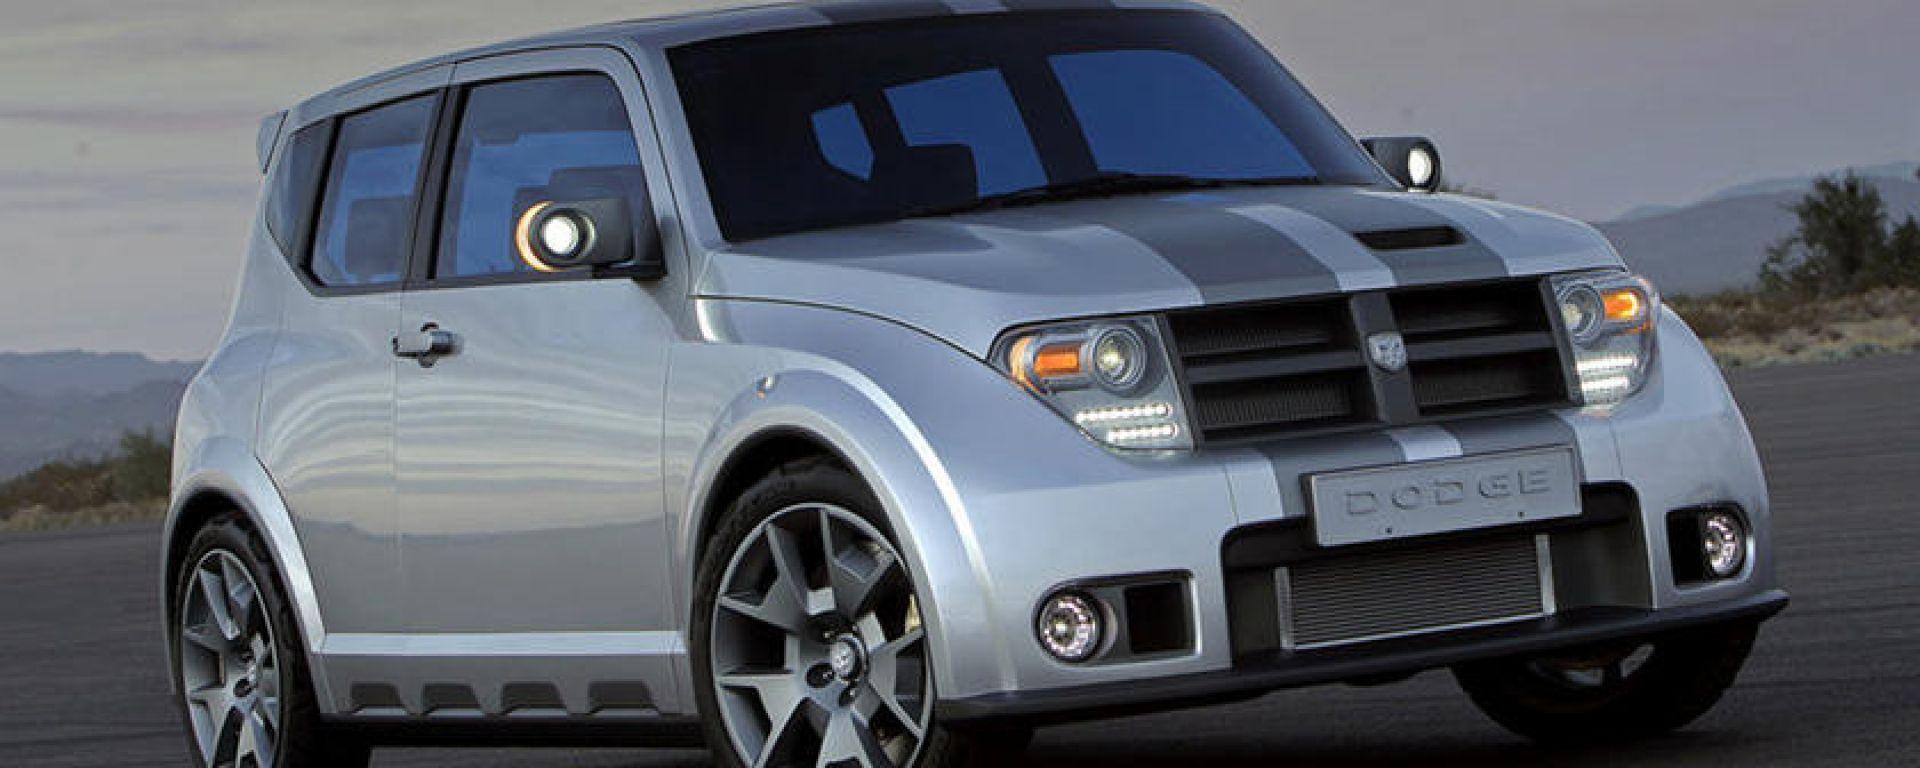 Dodge Hornet 2022: un SUV compatto per rilanciare il marchio americano